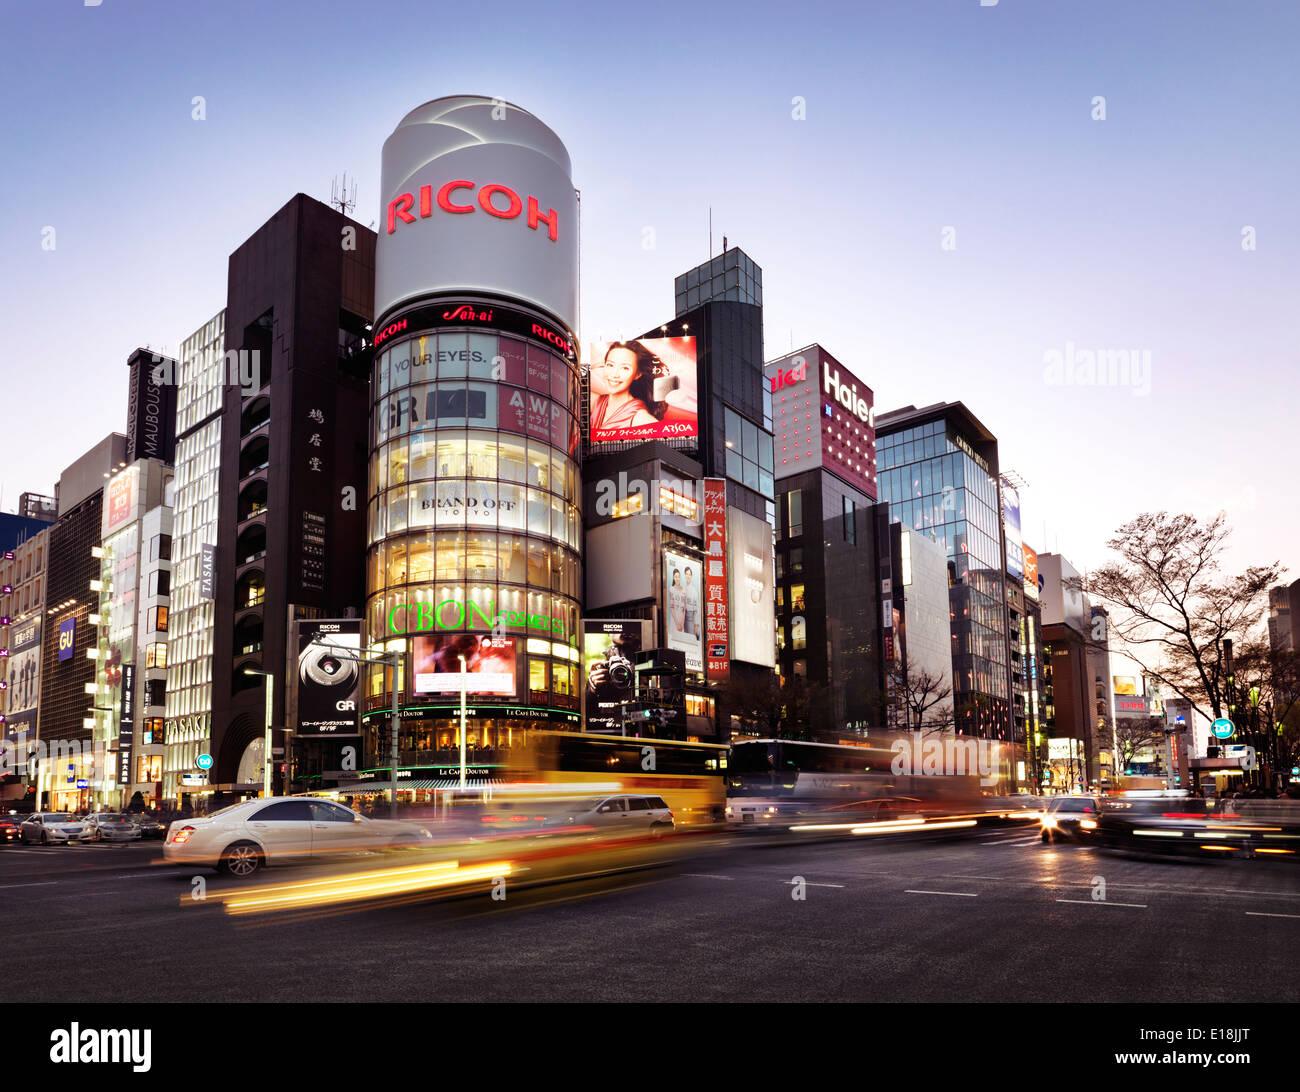 Le trafic de la ville durant les heures de pointe à l'intersection de Harumi Dori et Chou Dori crépuscule ville. Ginza, Tokyo, Japon 2014. Photo Stock